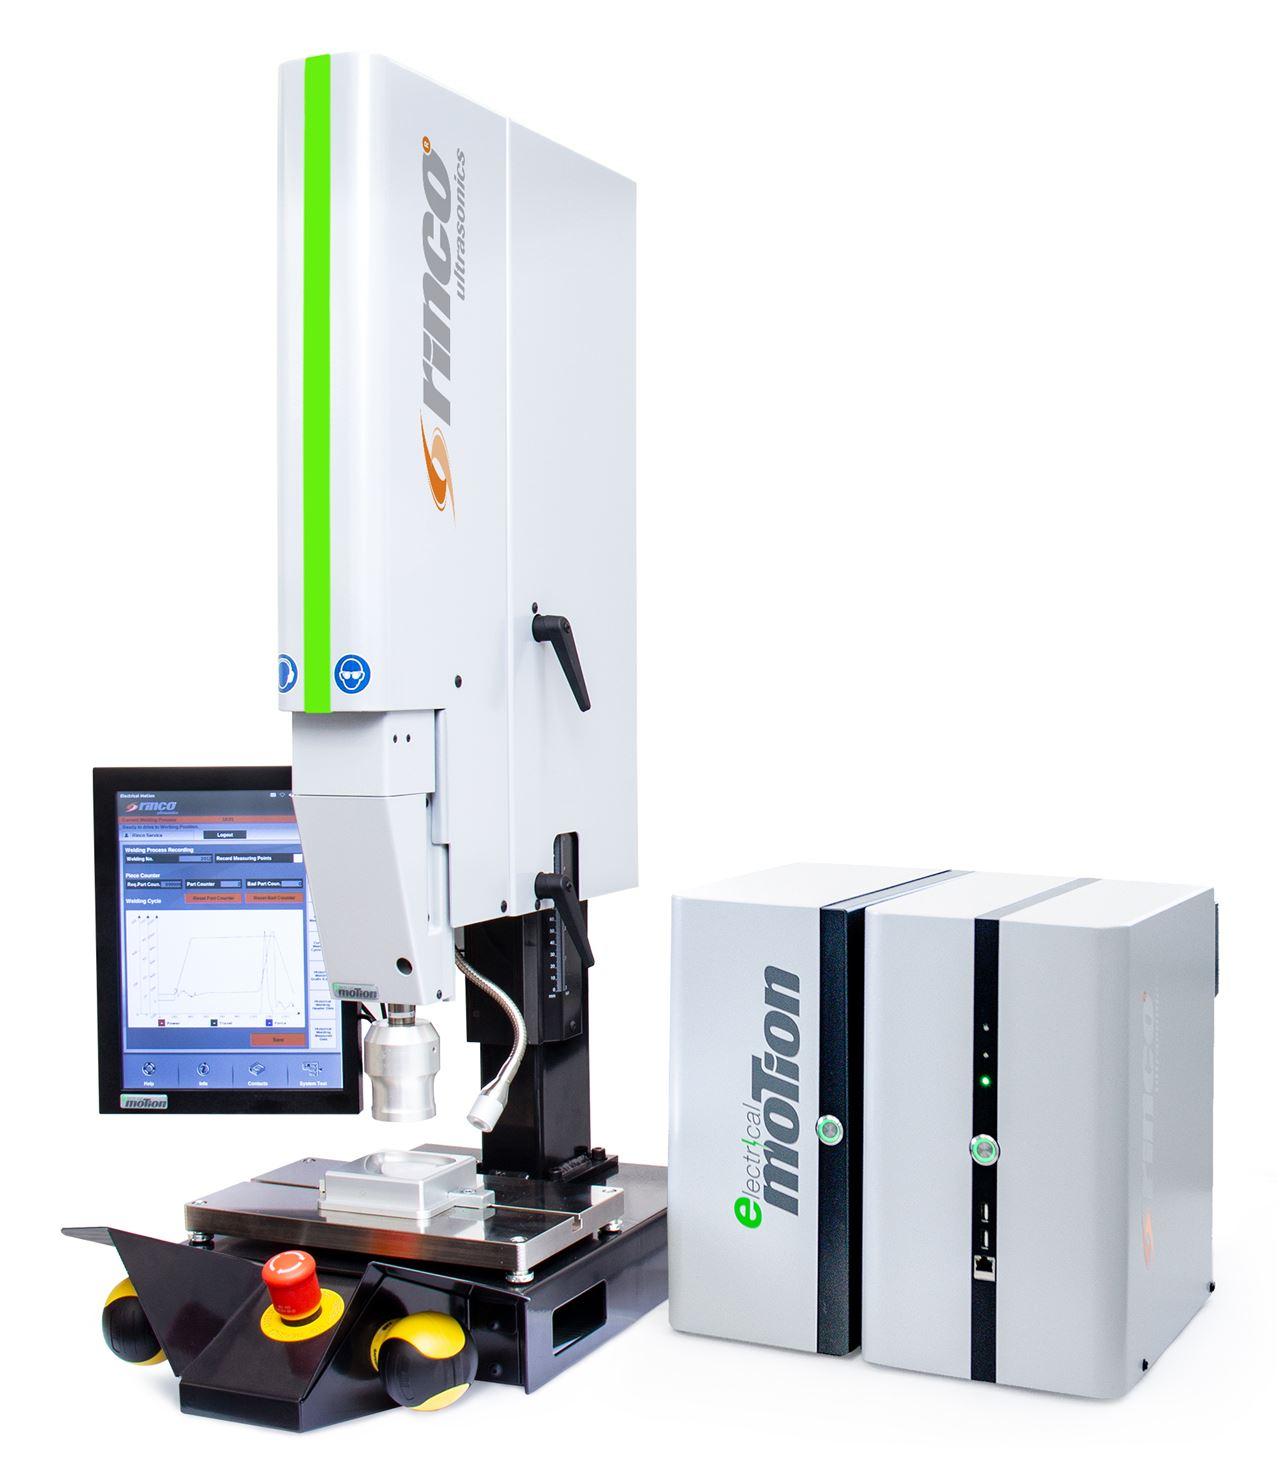 Electrical Motion 35 – Die High End Ultraschall-Schweissmaschine für lückenlose Rückverfolgbarkeit